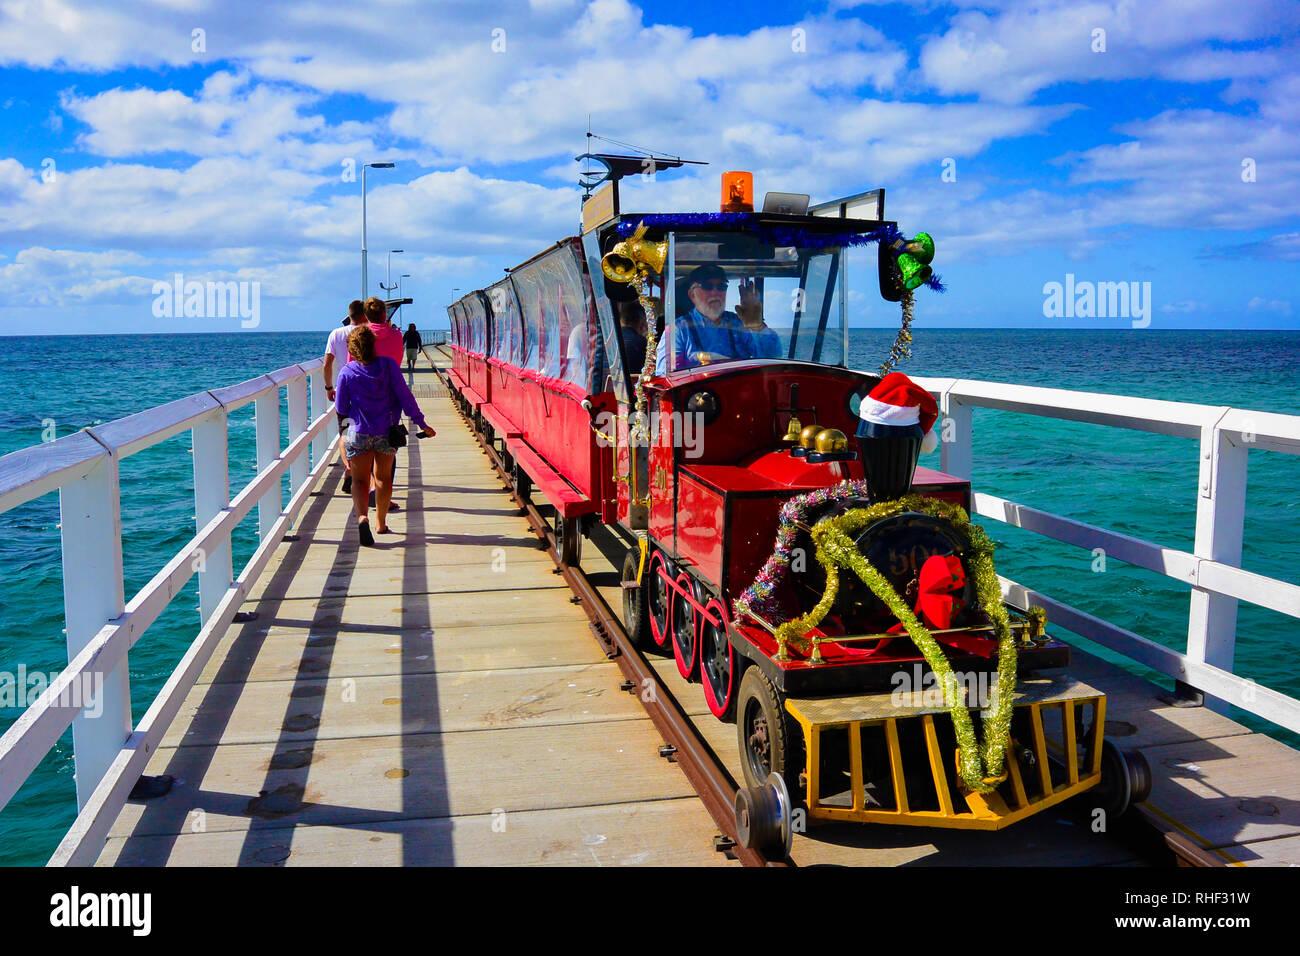 Tourné en couleur de surprenant vision de la décoration de Noël sur la célèbre jetée de Busselton, Australie de l'Ouest, conduit par un vieil homme à la recherche du Père Noël. Photo Stock